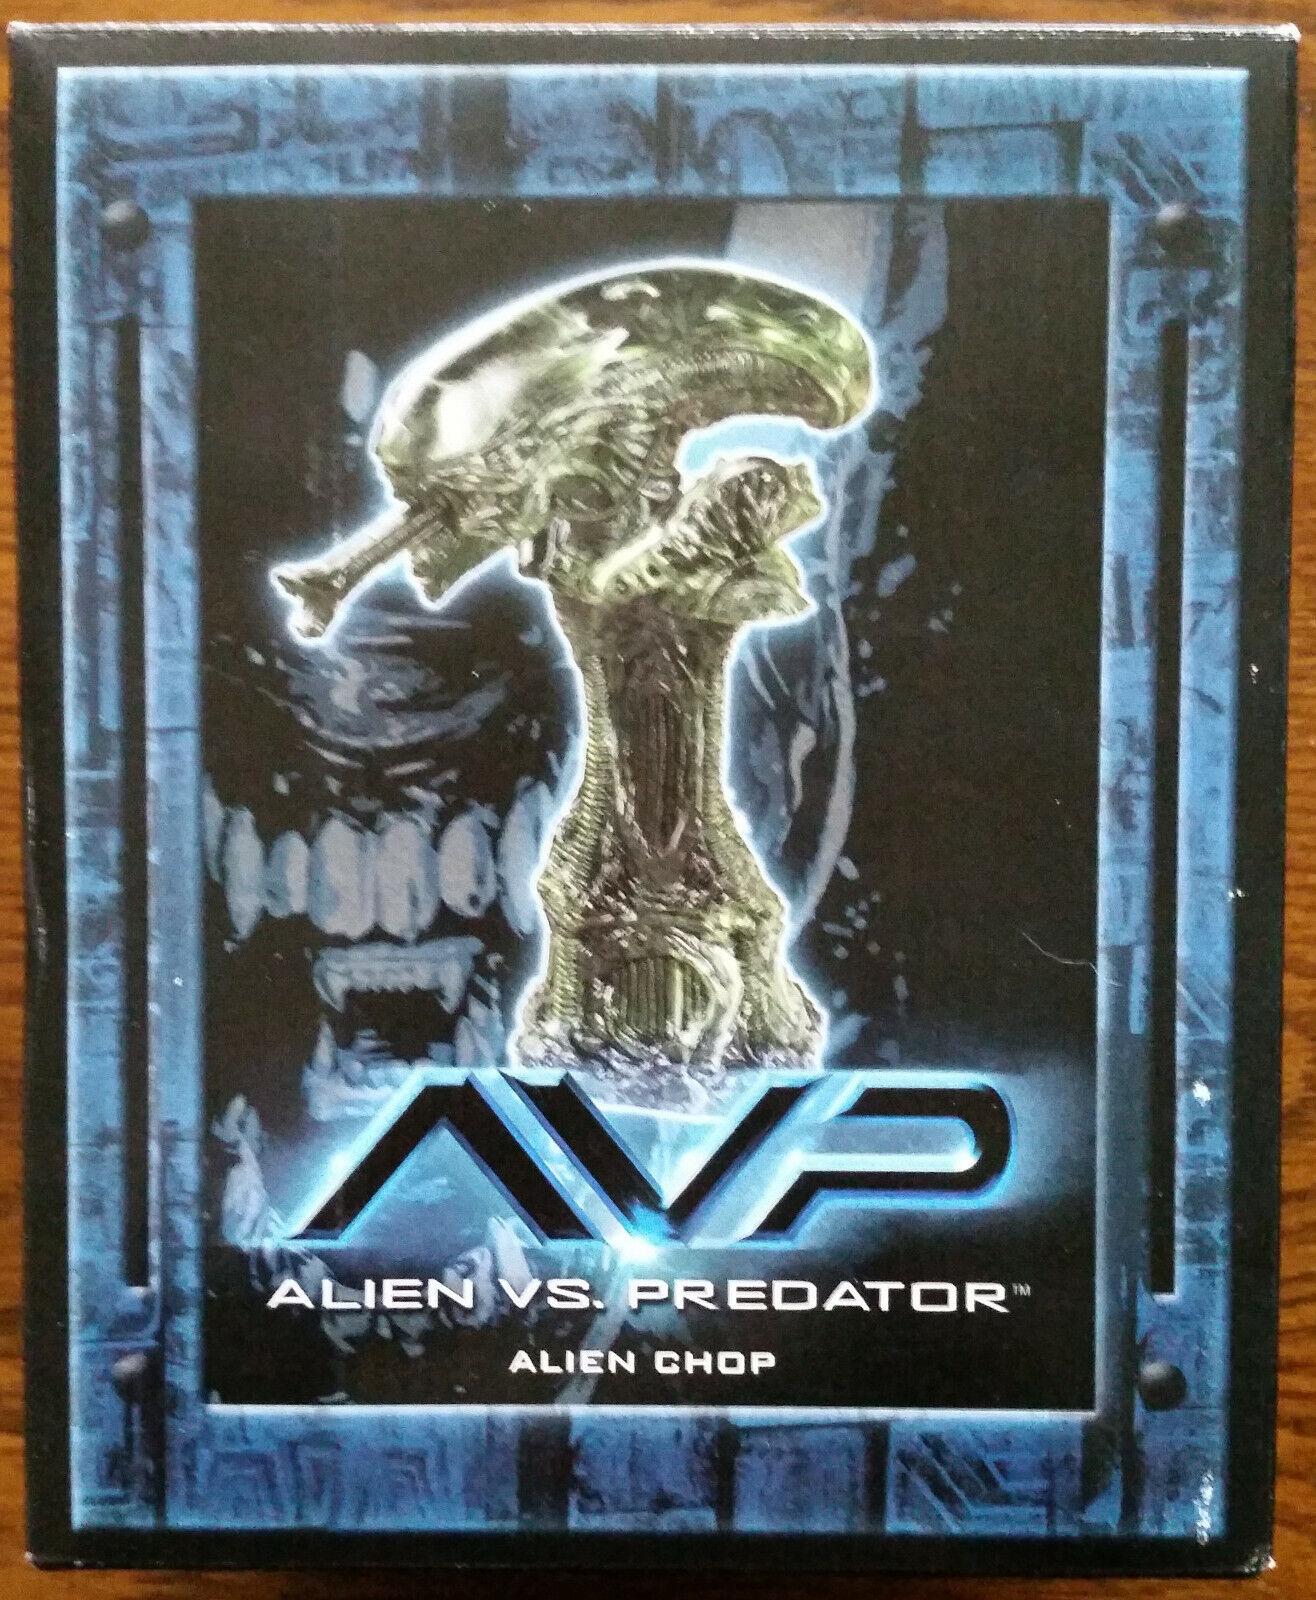 venta caliente Raro Dark Horse Alien Vs Projoator Alien Alien Alien Chop -  nuevo   Los mejores precios y los estilos más frescos.